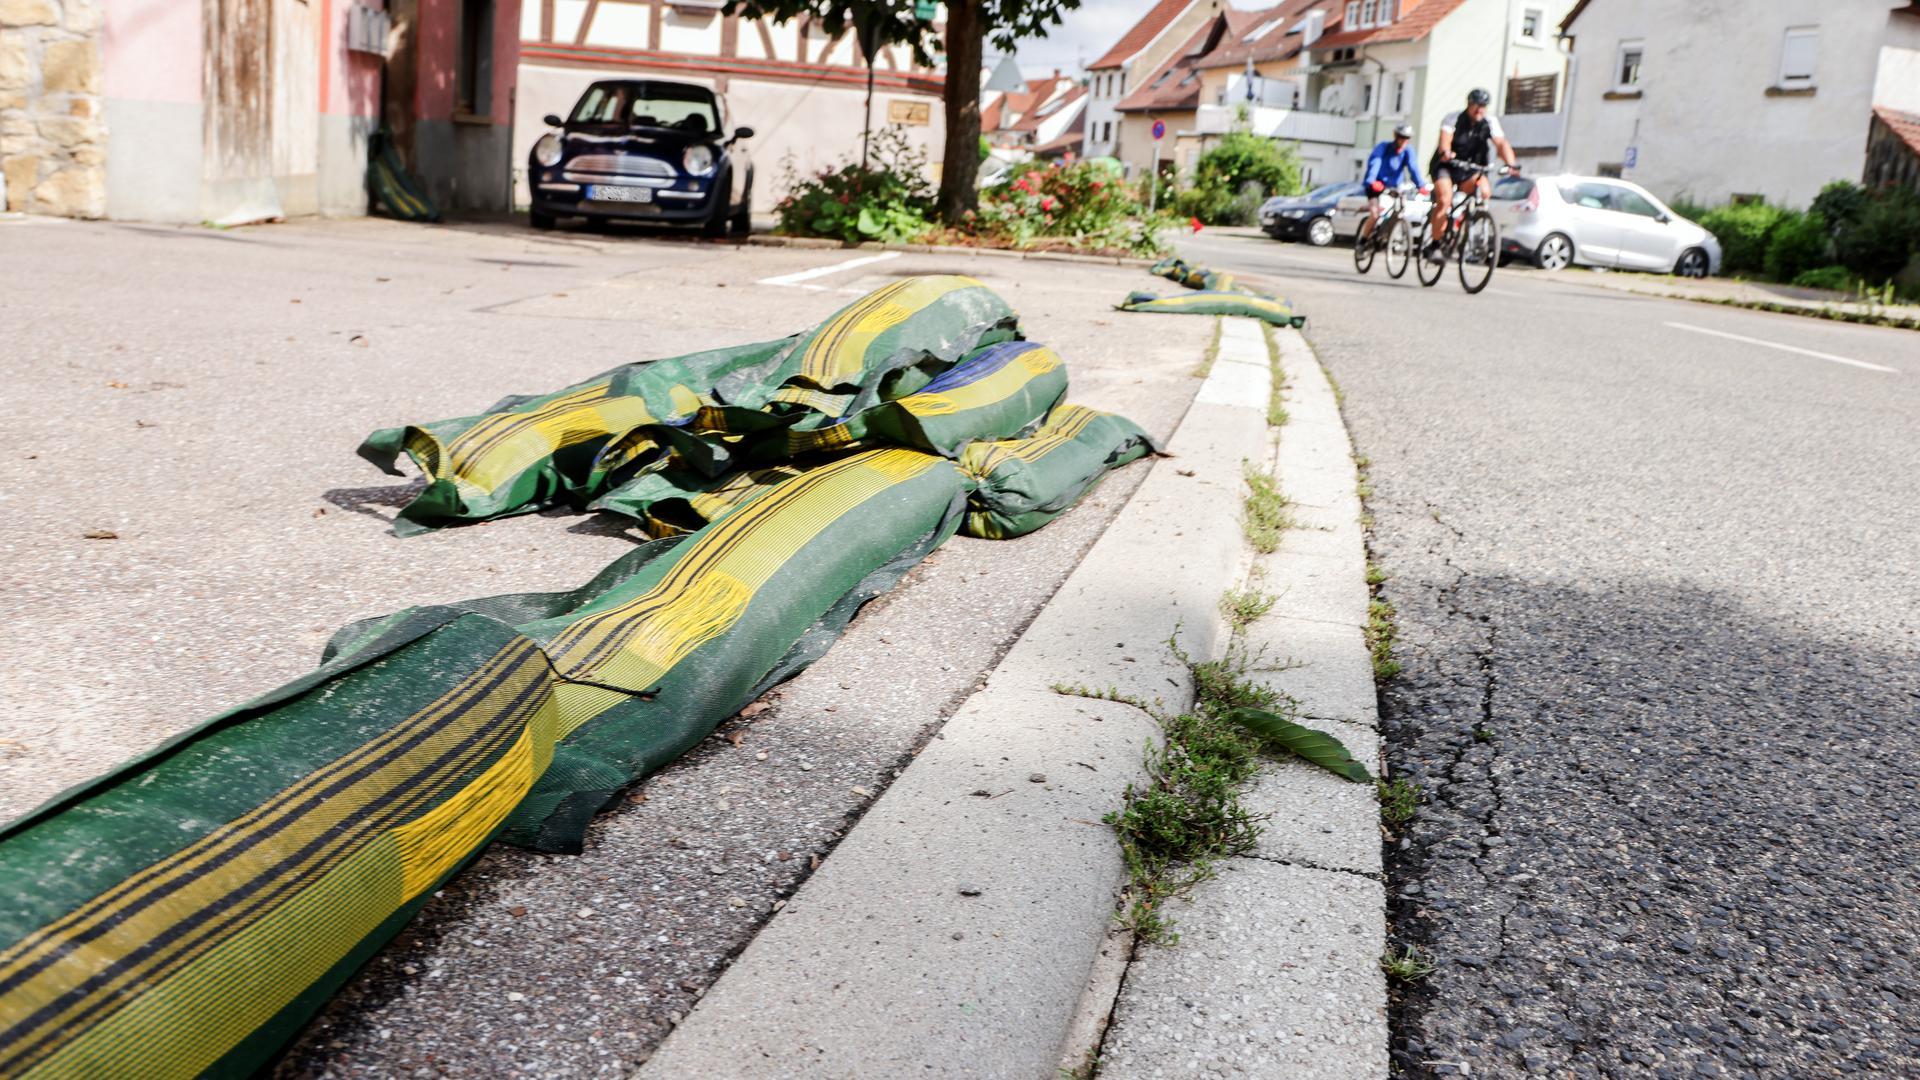 Im Brettener Stadtteil Ruit liegen am Tag nach der Überschwemmung noch Sandsäcke am Straßenrand.